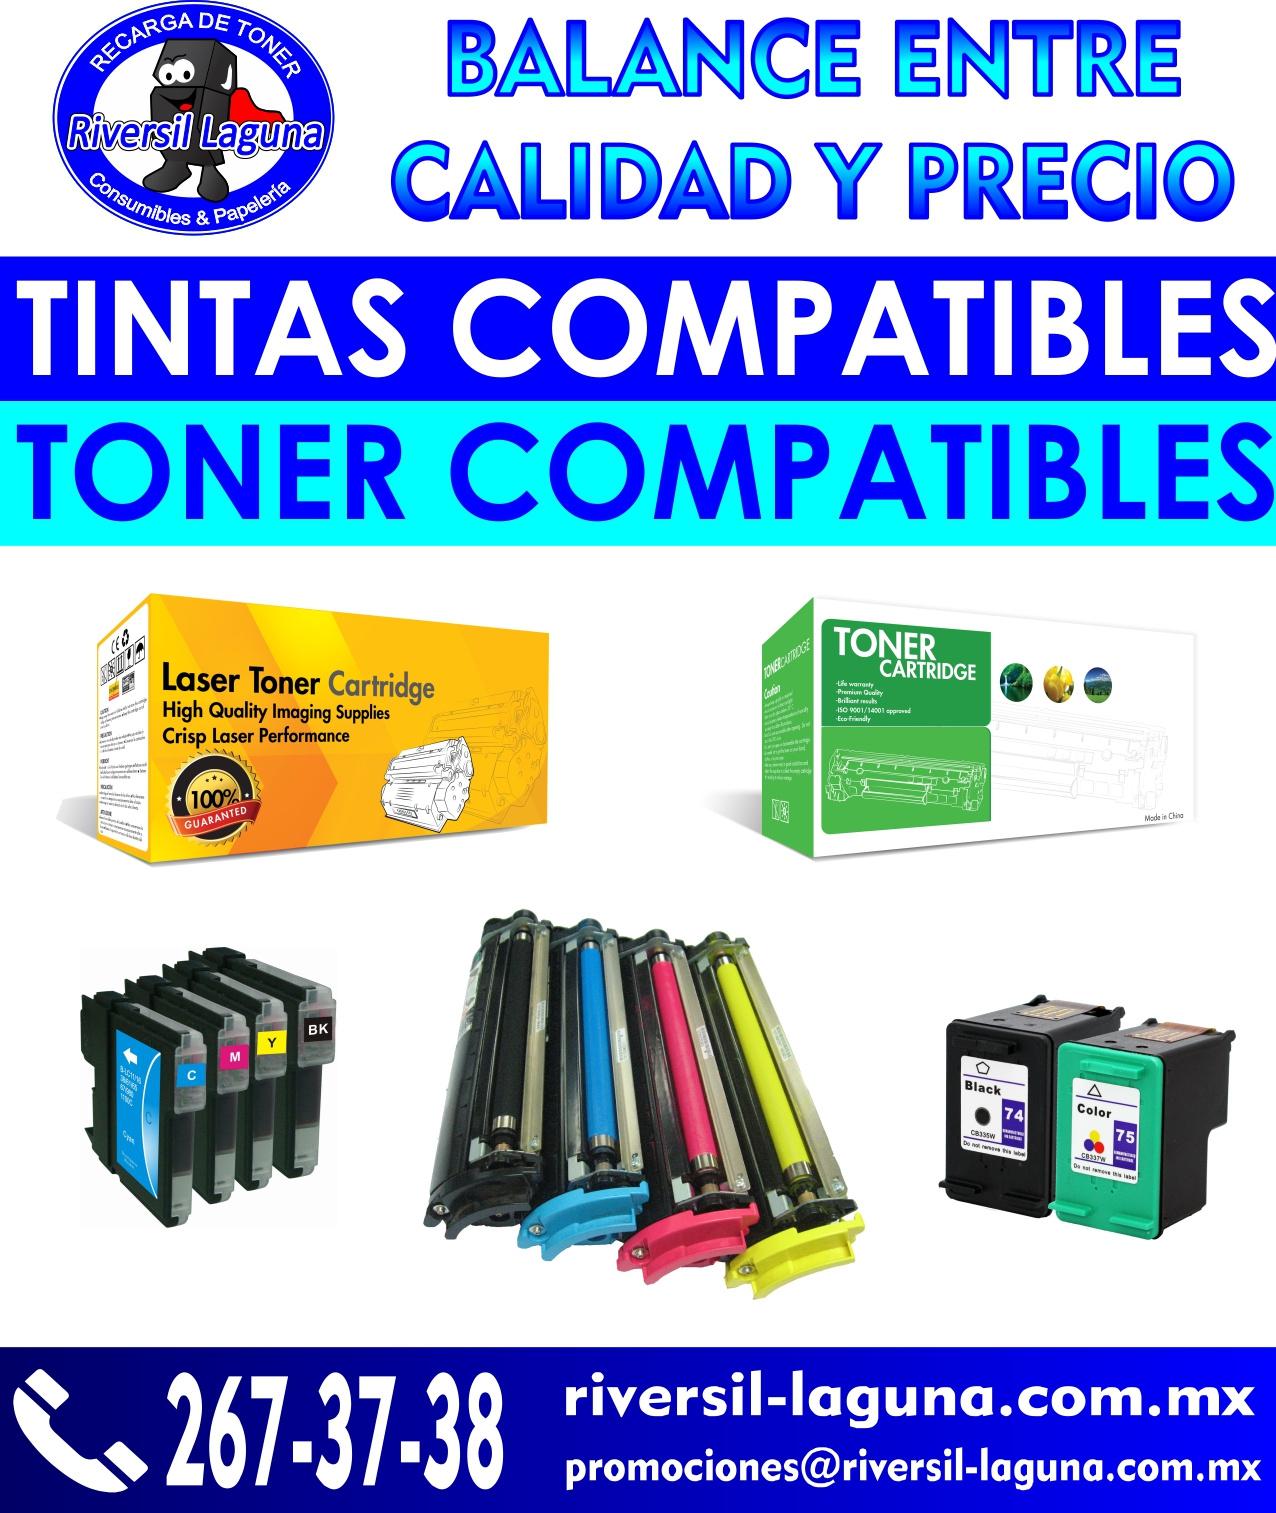 ahorra dinero con las tintas y toner compatibles